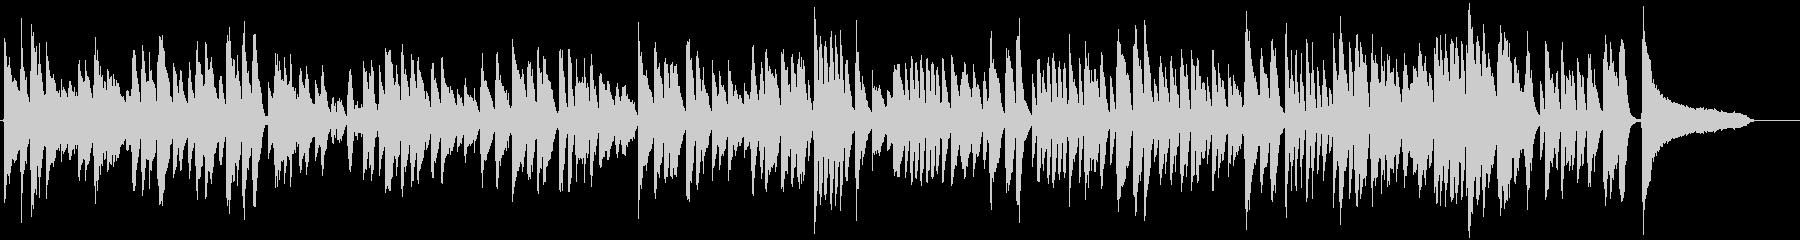 ブルース、ジャズ調ほのぼのBGMの未再生の波形